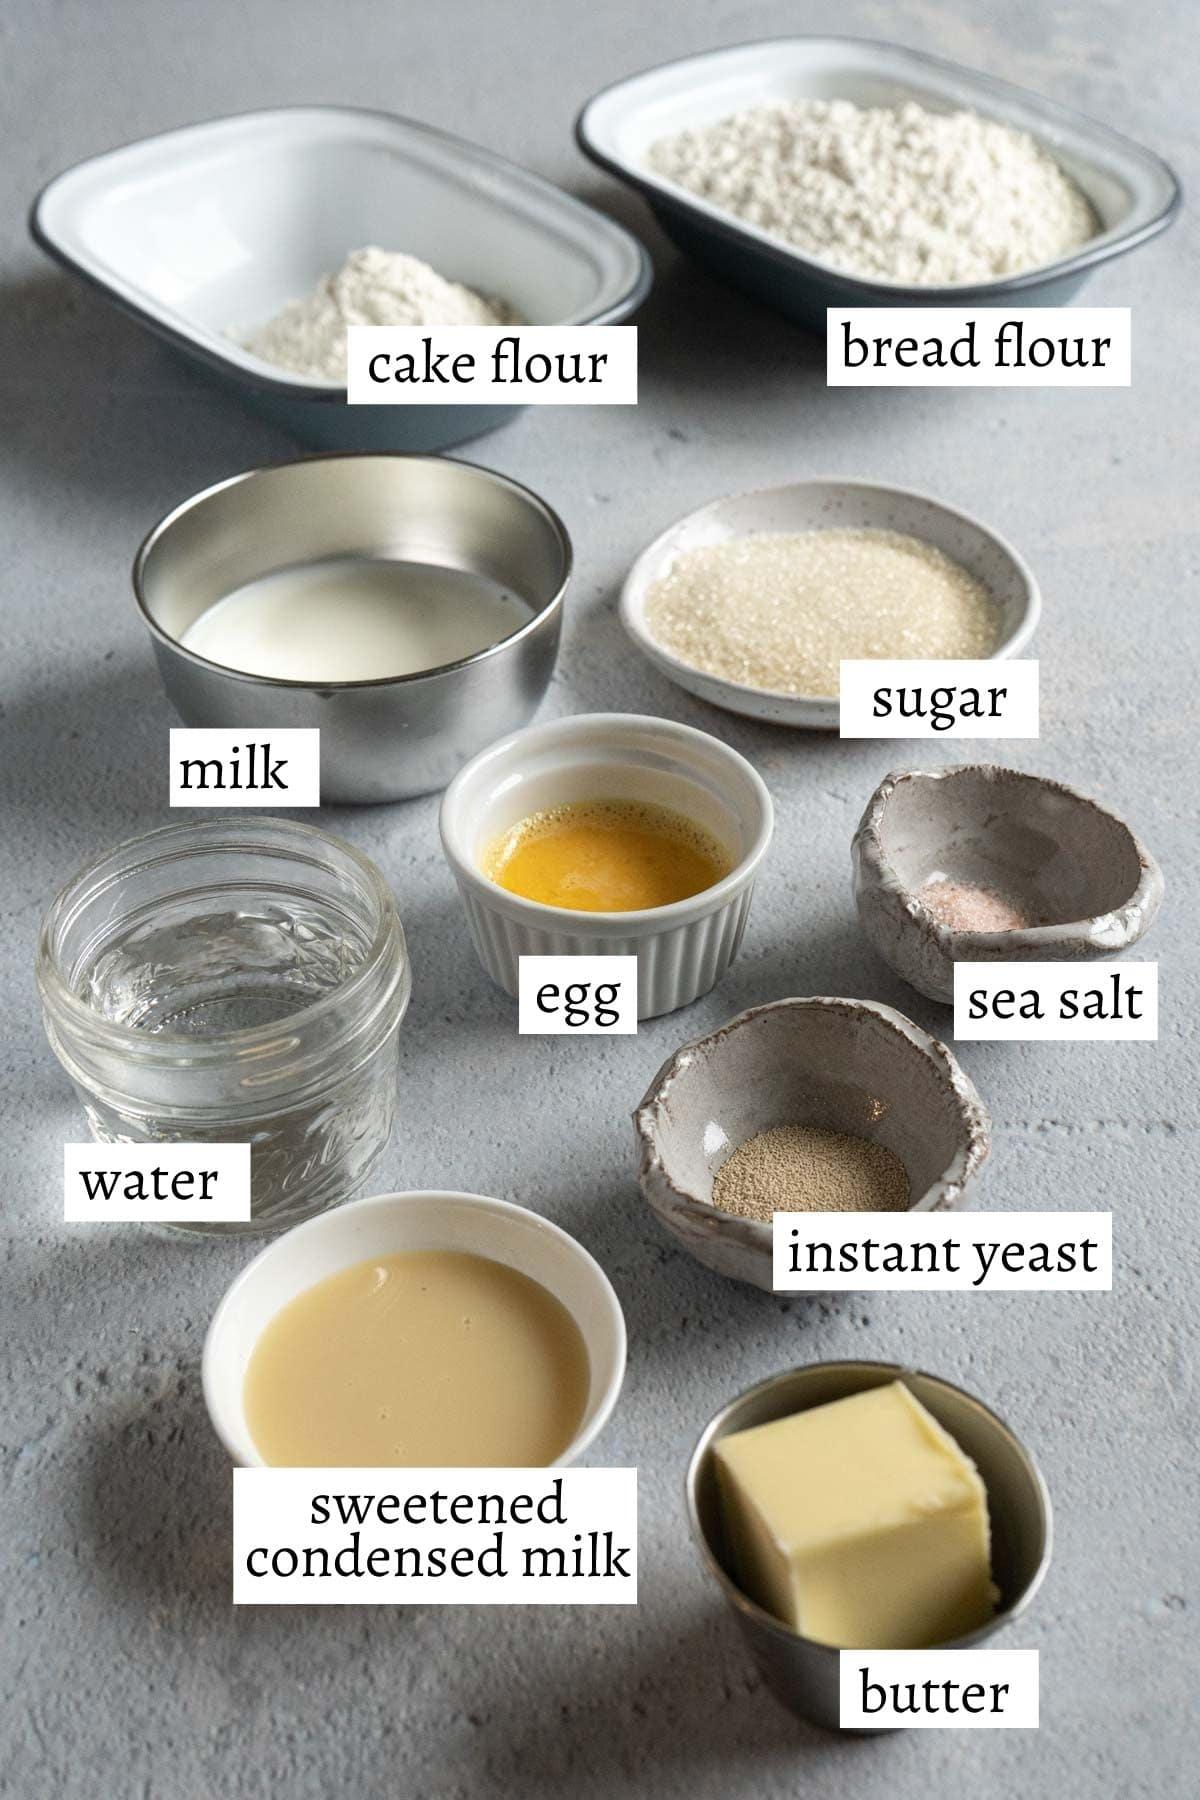 ingredients for making milk bun.